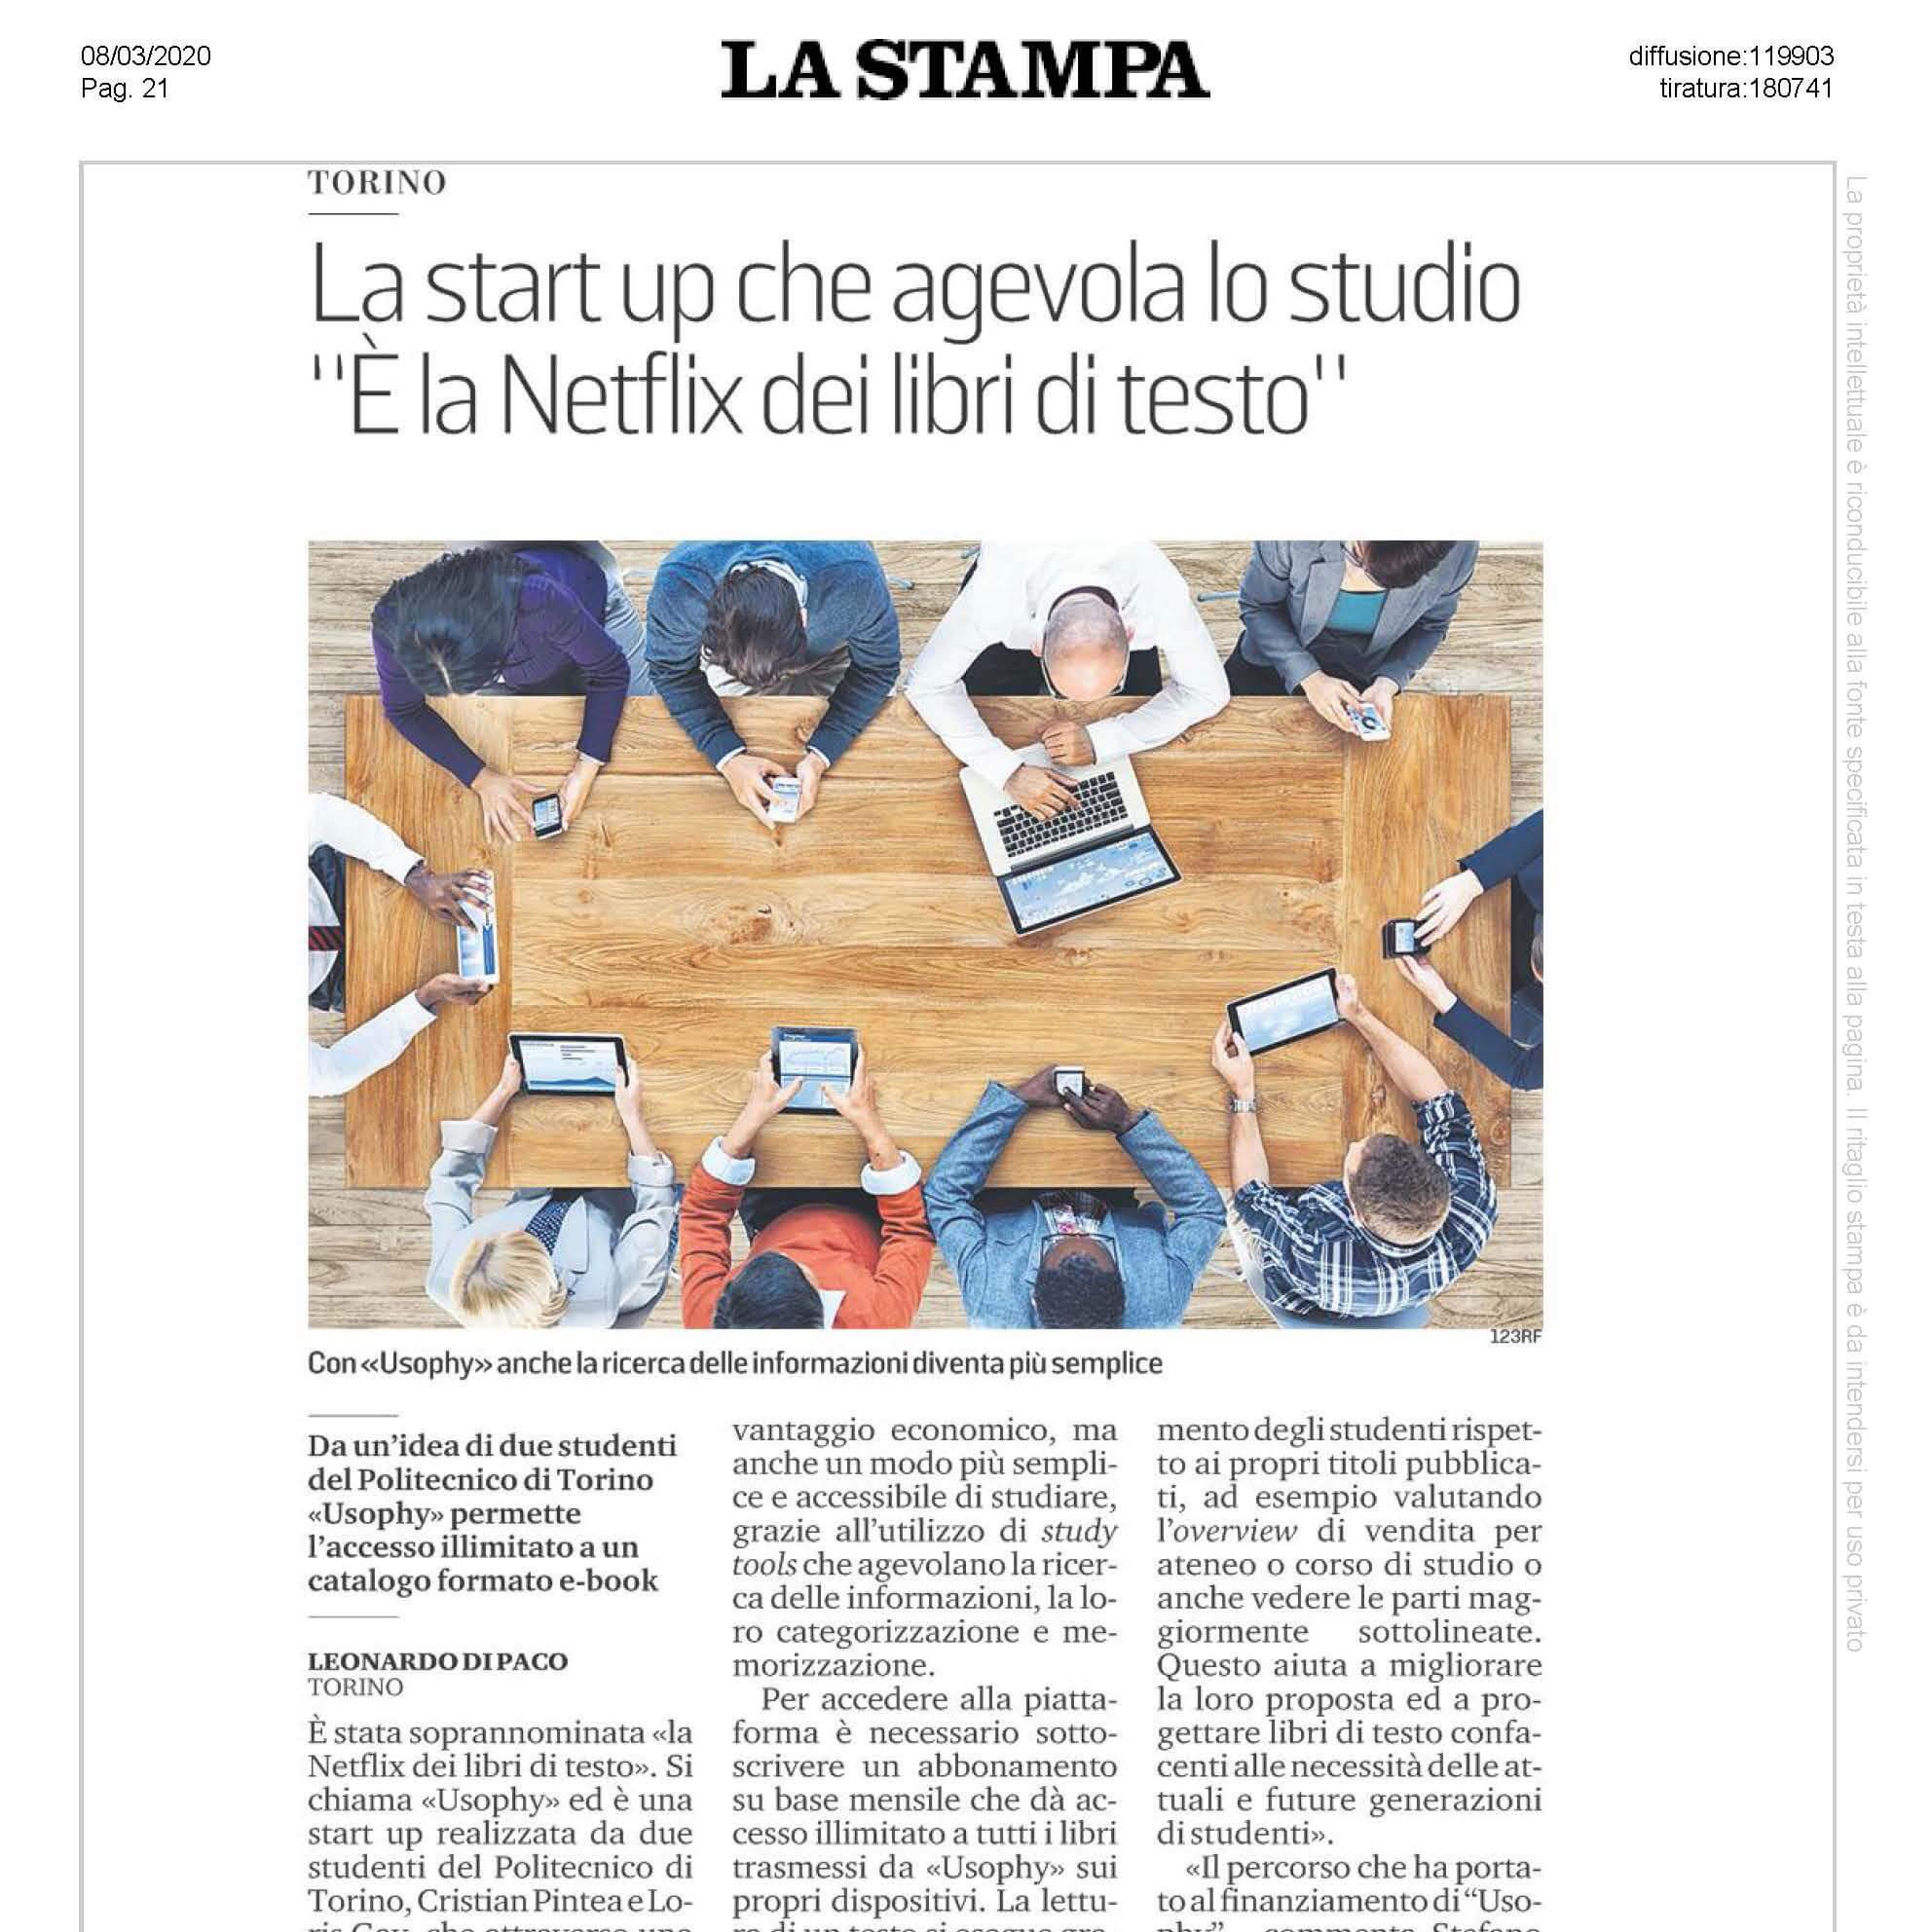 2020-03-08_LIFTT_La_Stampa